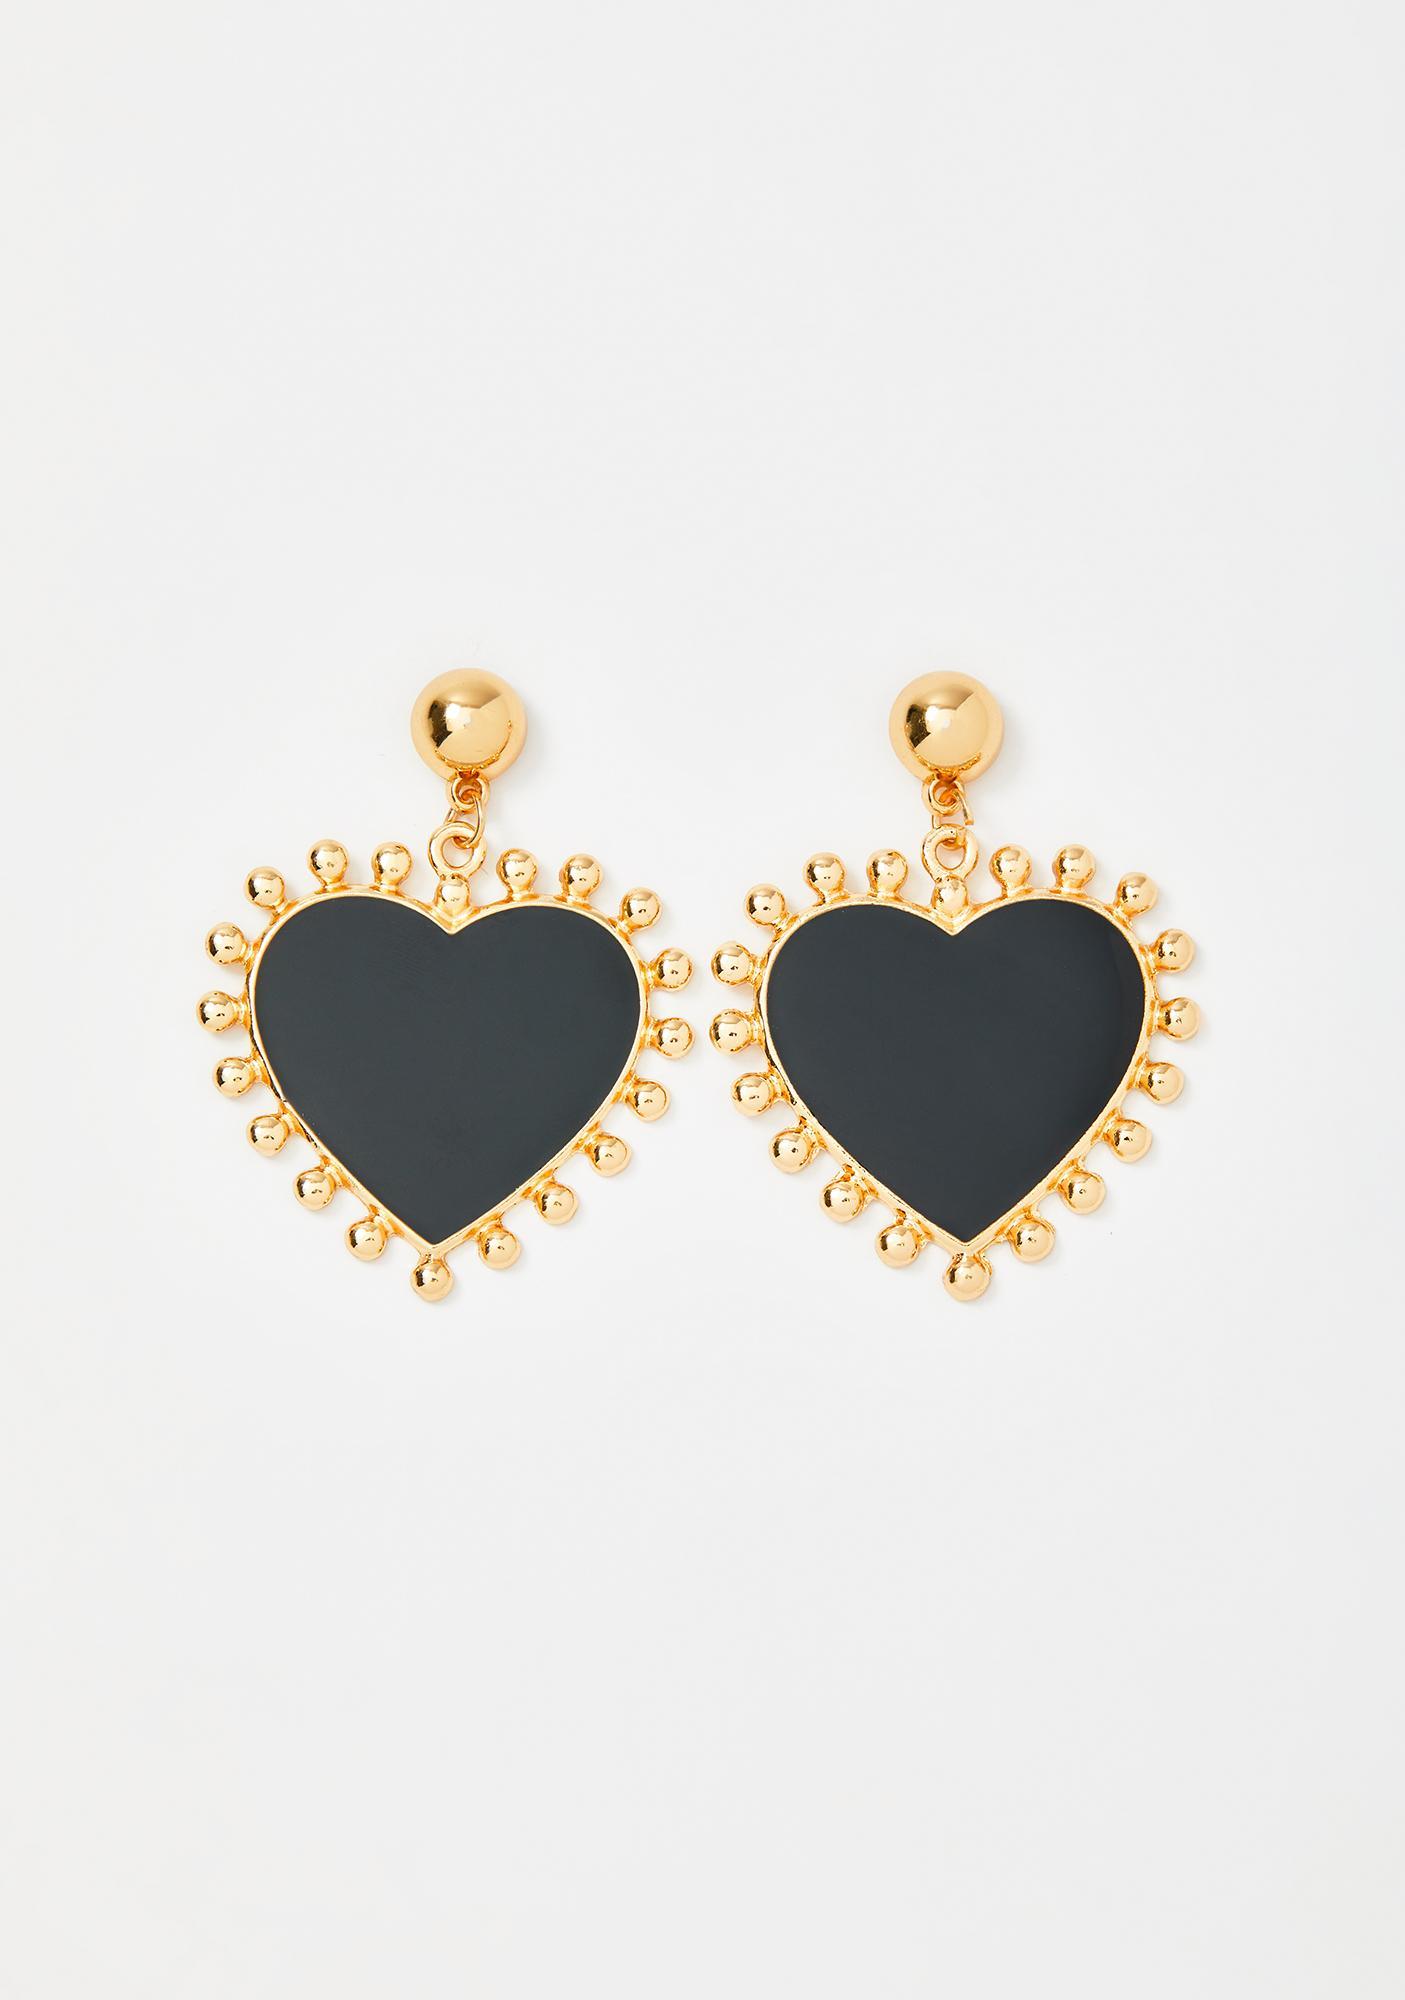 Her Love Glows Bright Heart Earrings